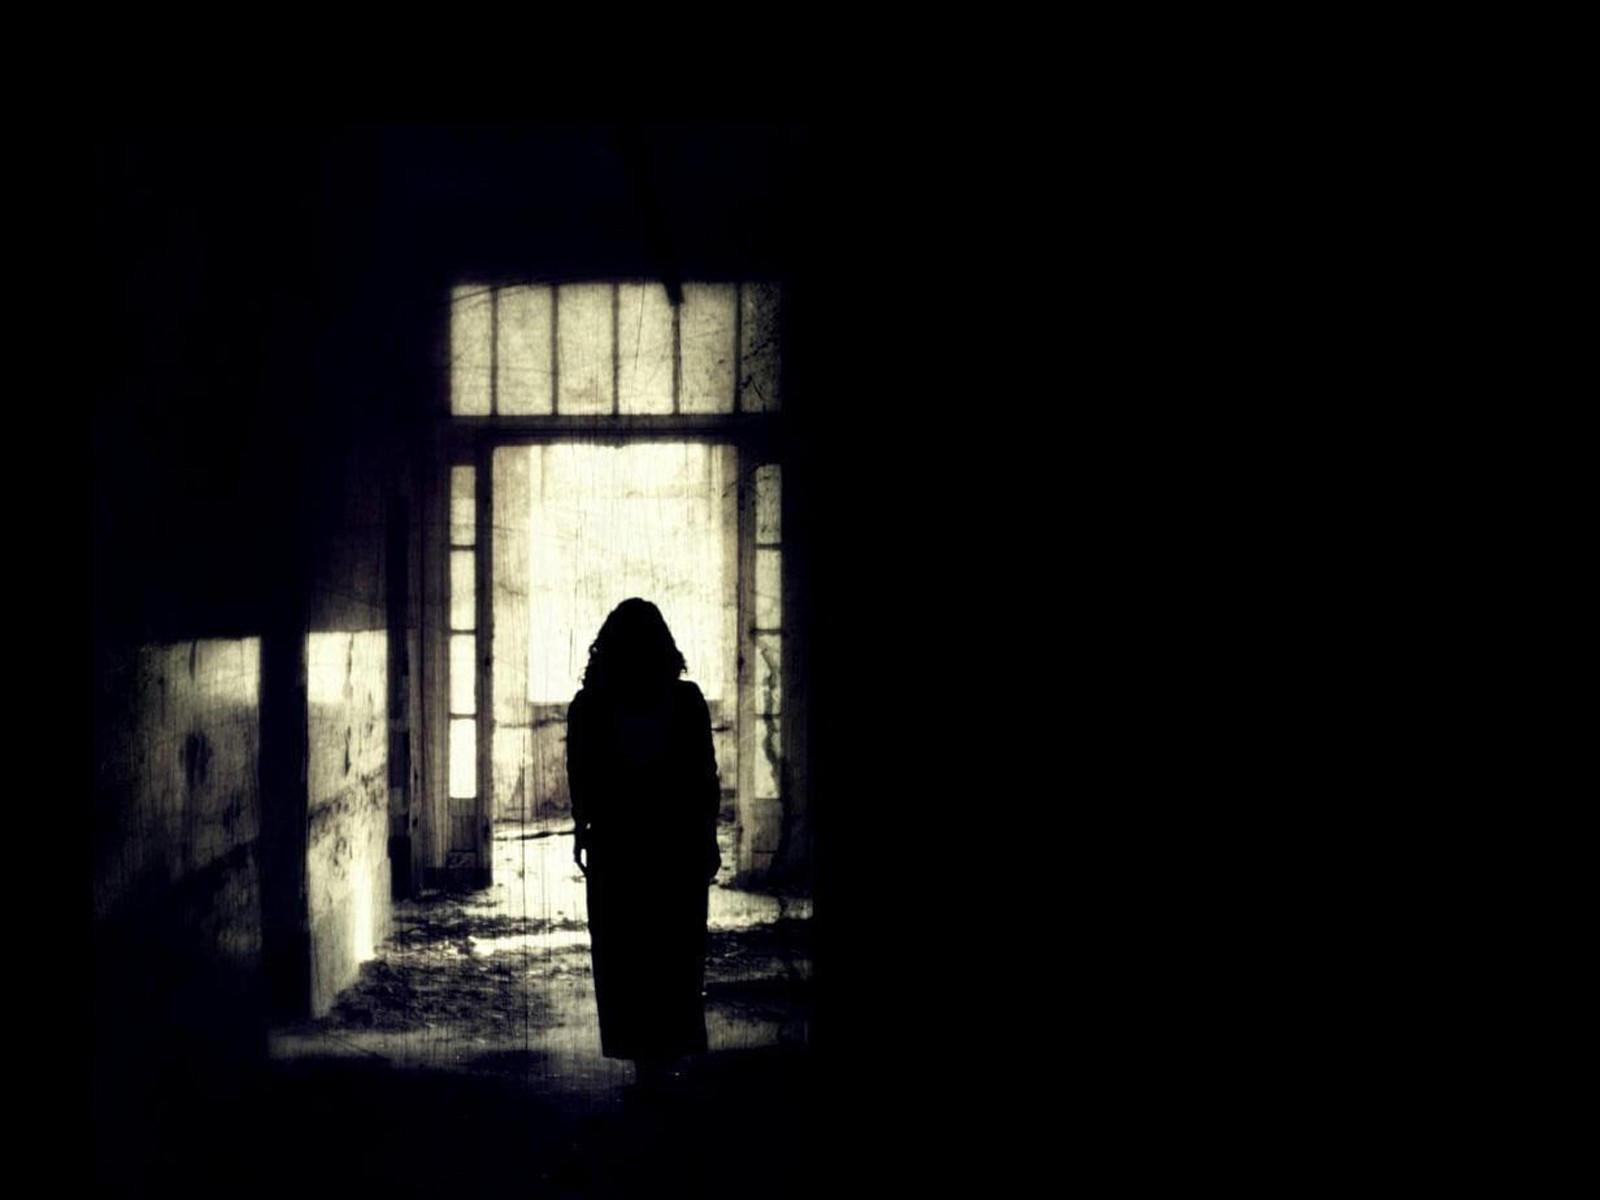 Фэнтезийный мрачный фон